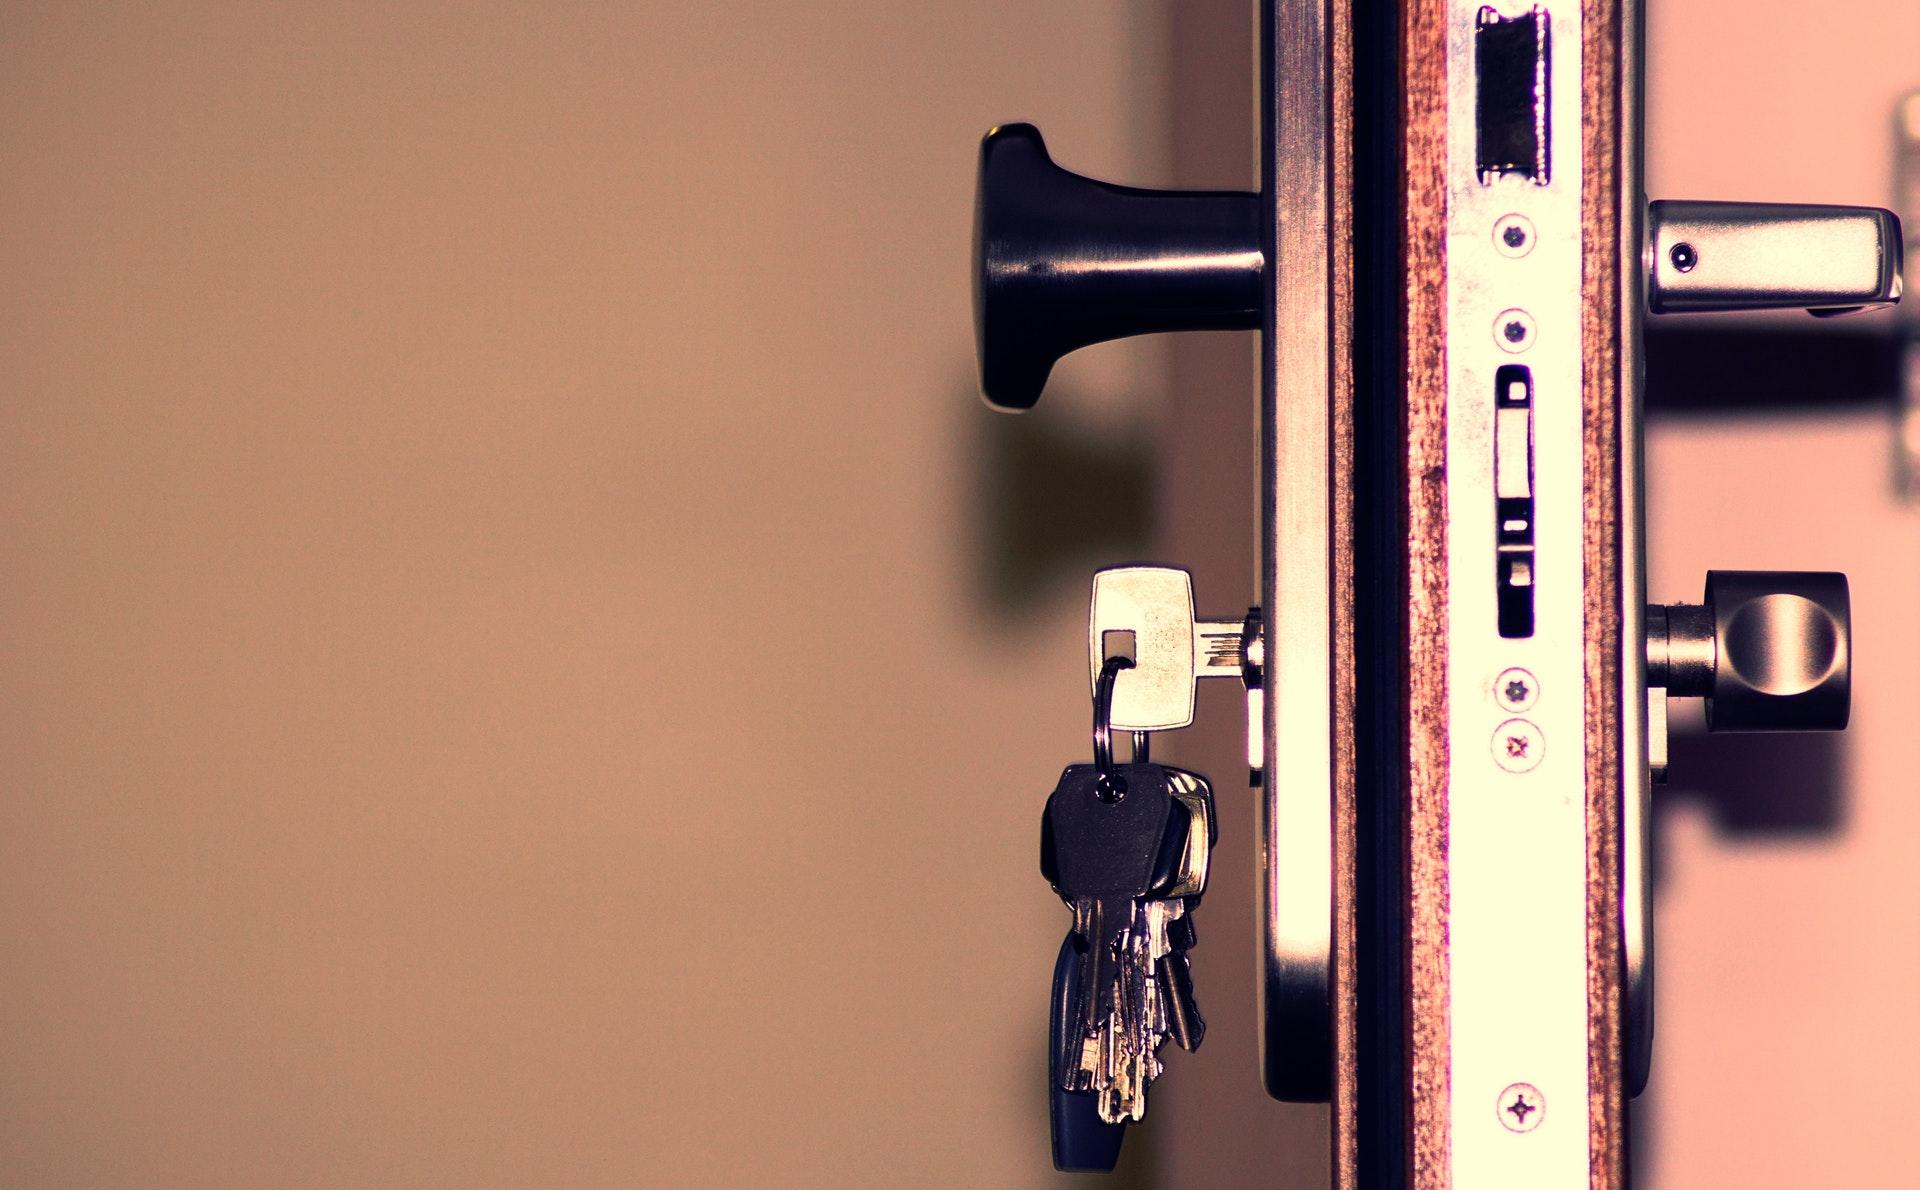 Modificación de la cerradura de vivienda o local: Qué modelo utilizar